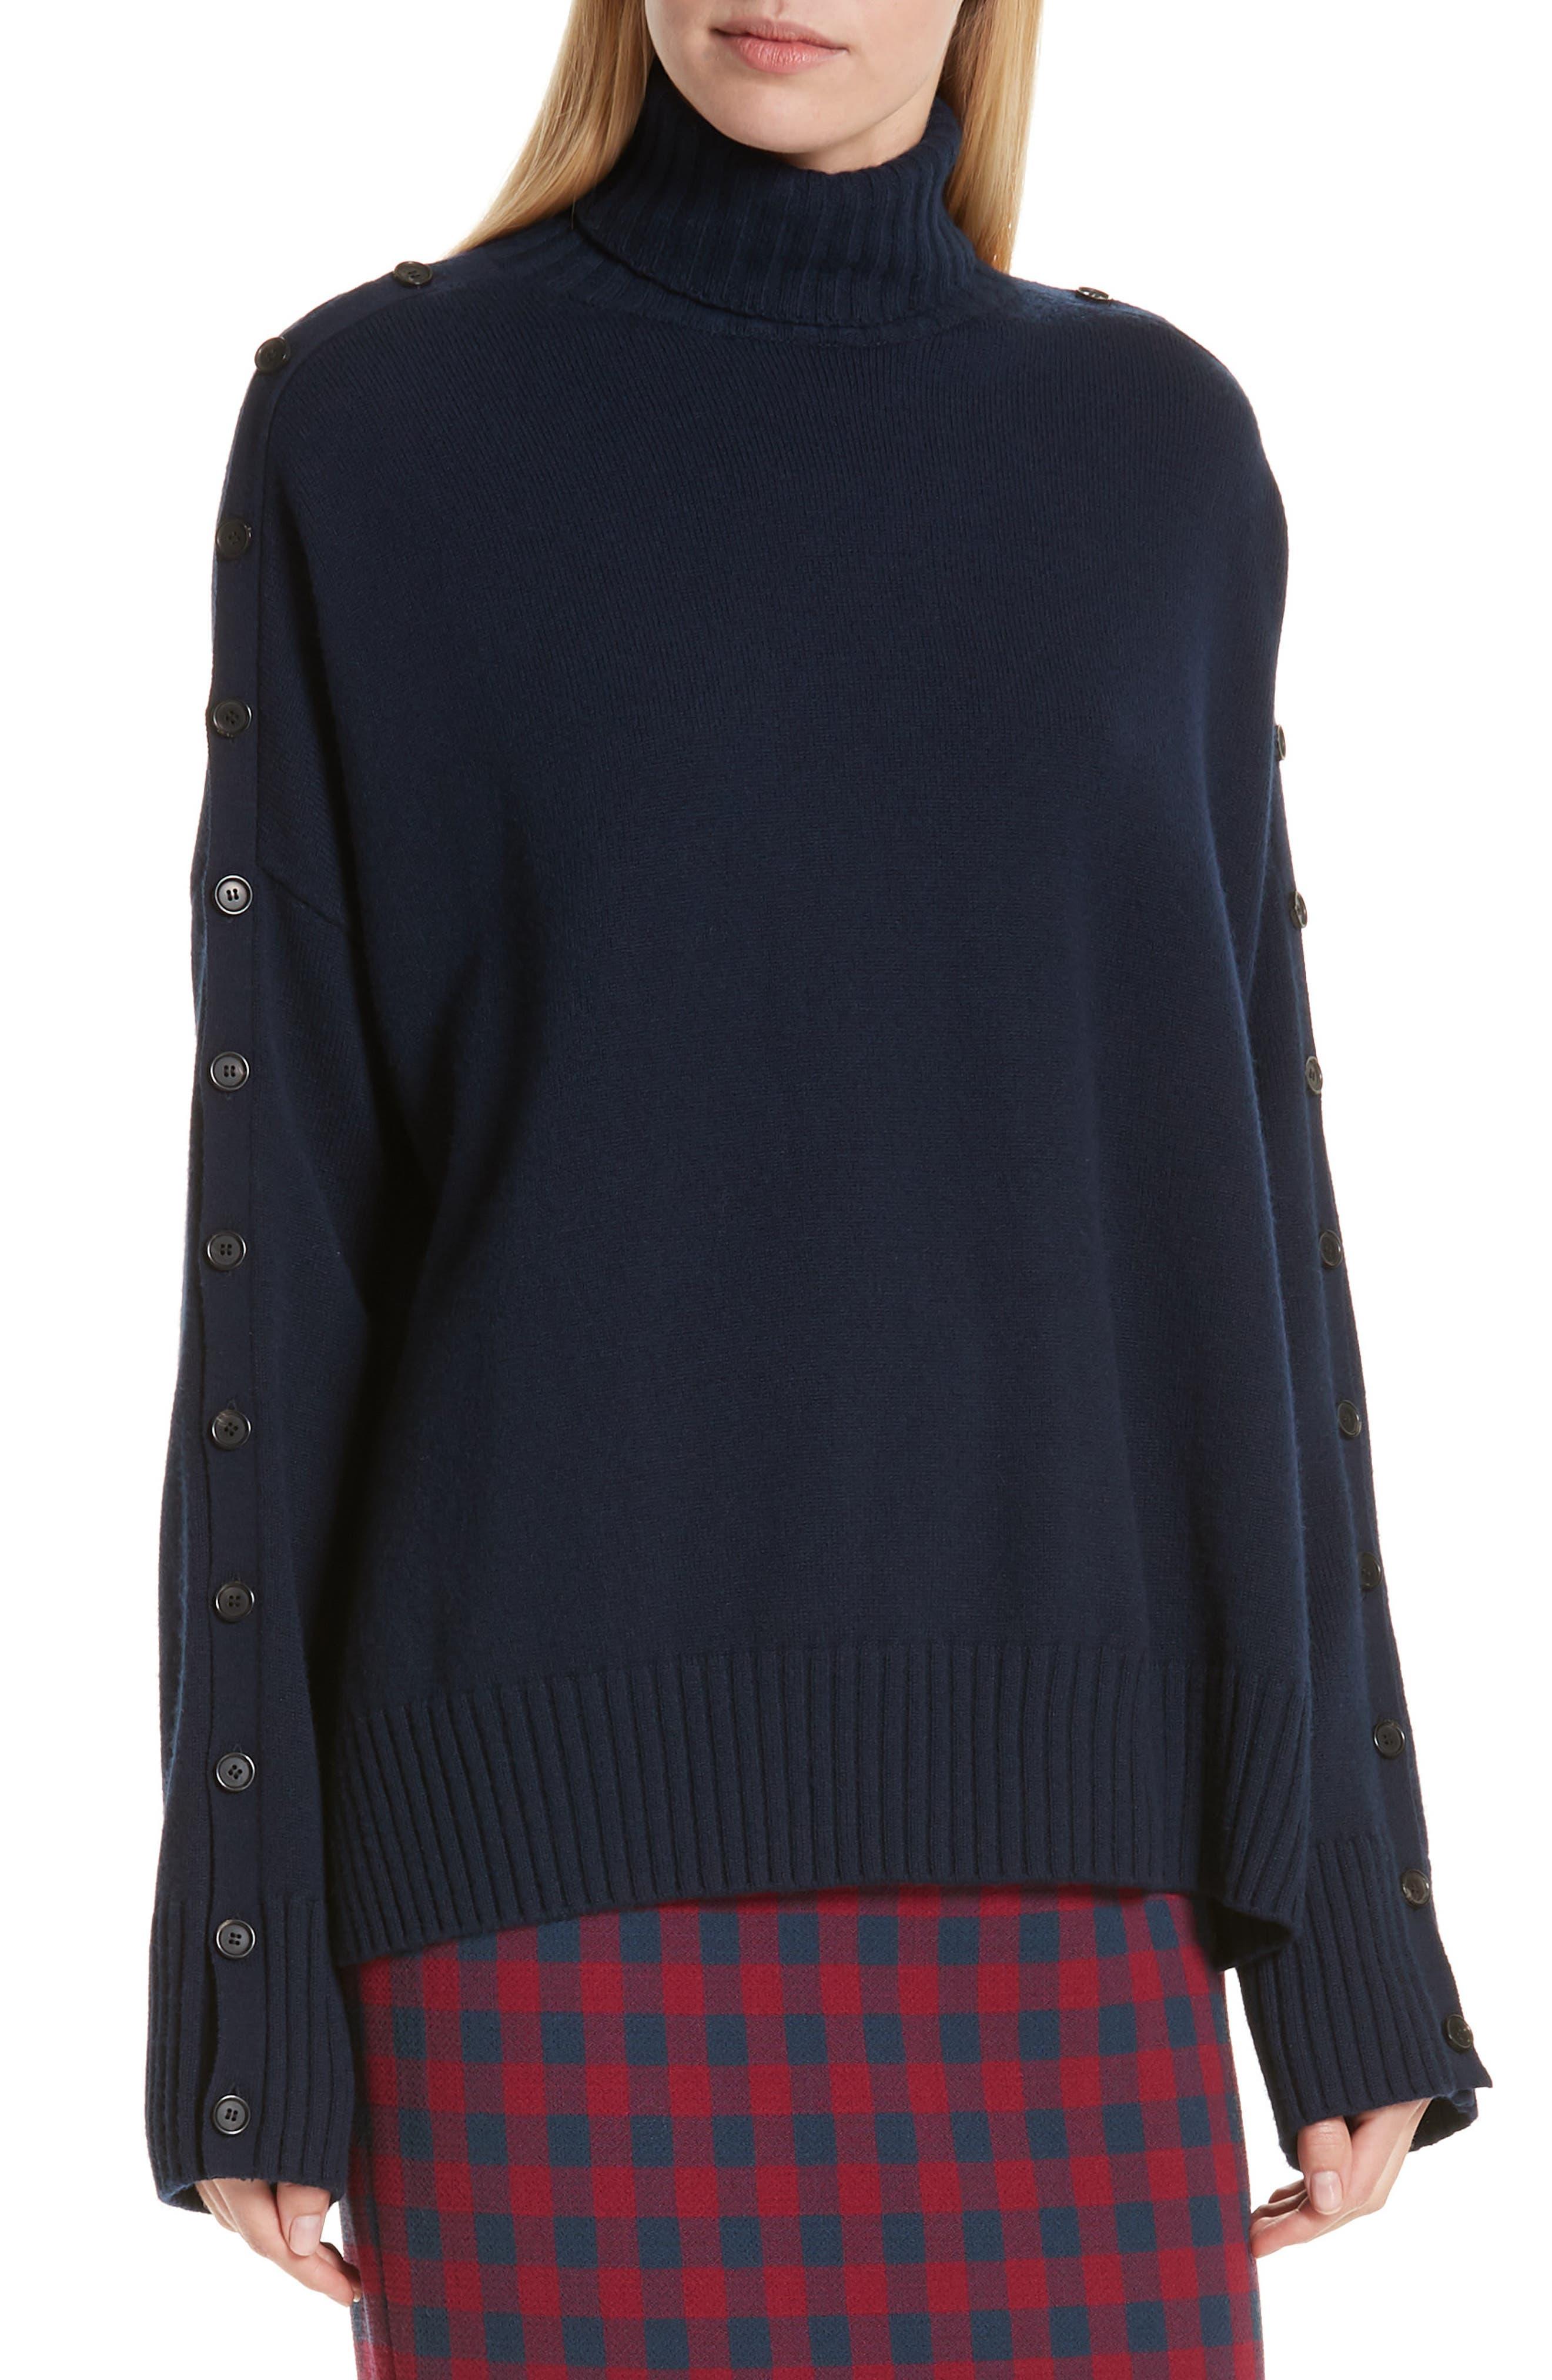 A.l.c. Crosley Merino Wool Turtleneck Sweater